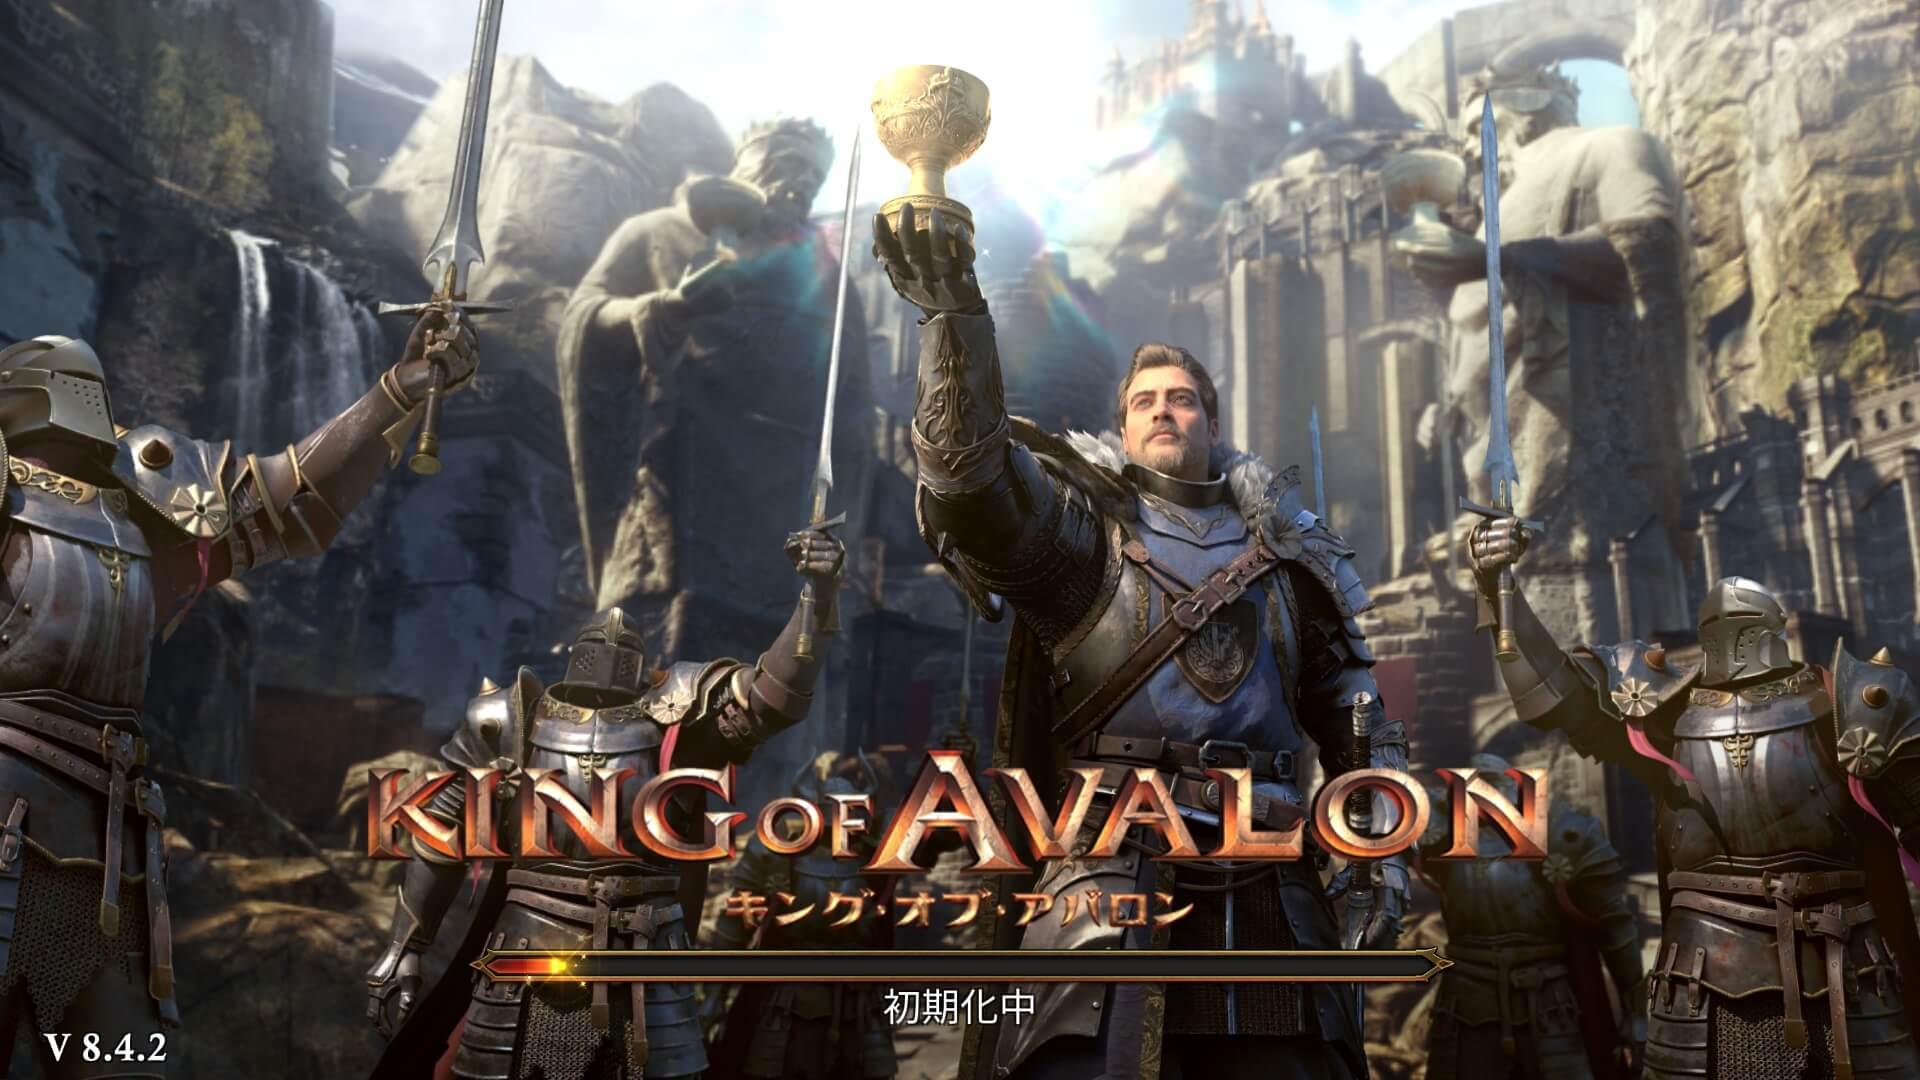 キング オブ アバロン 城 レベル